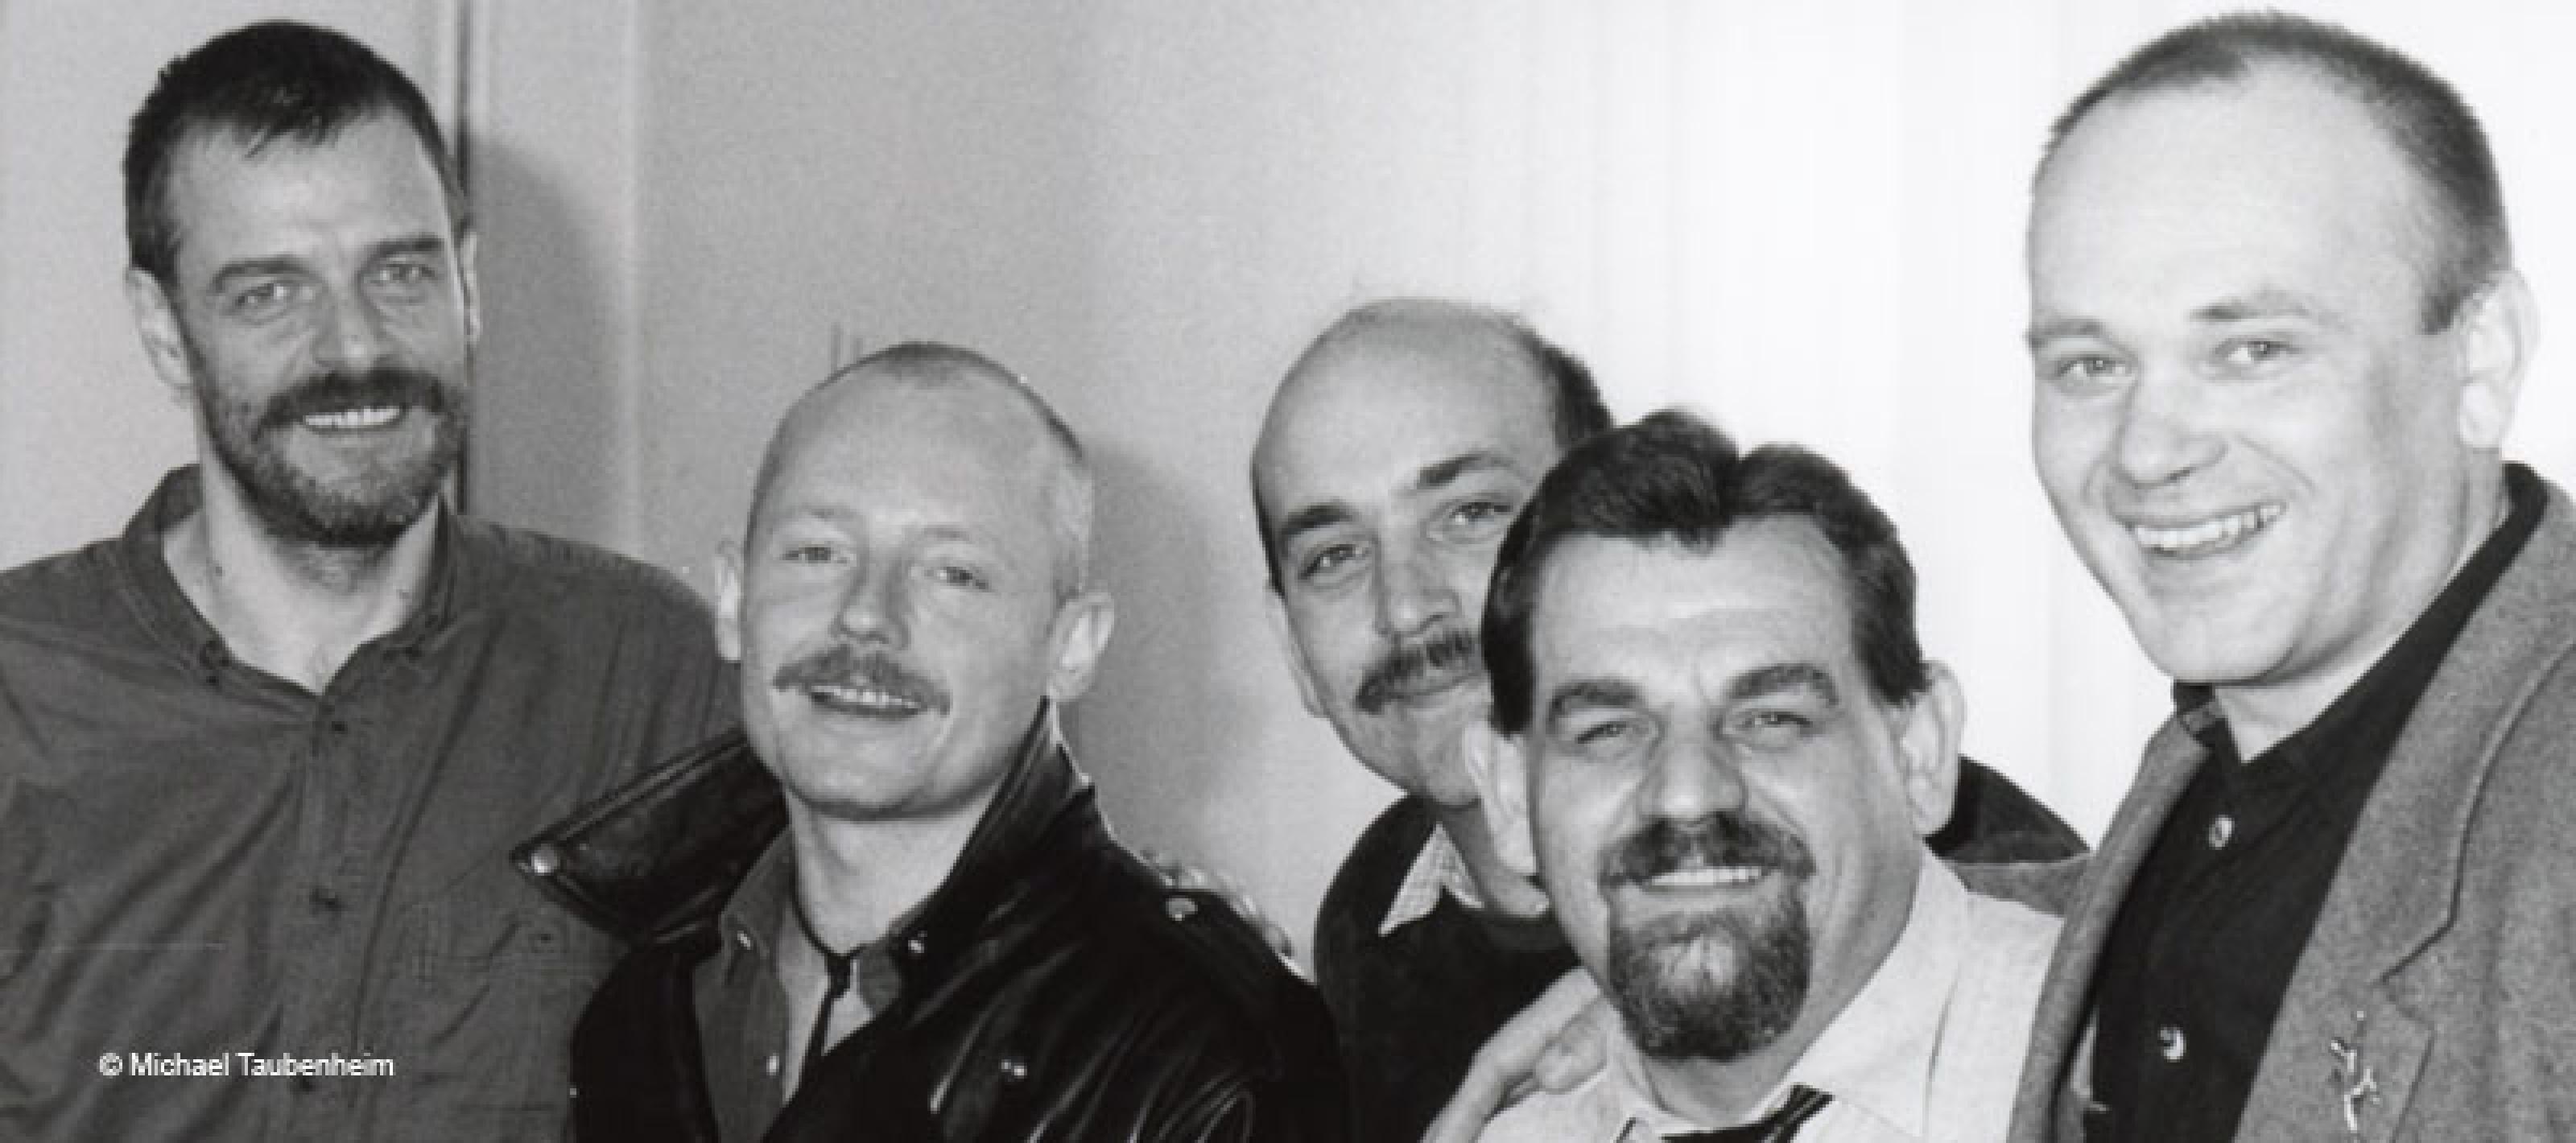 fünf Männer nebeneinander in einer Schwarz-Weiß-Fotografie